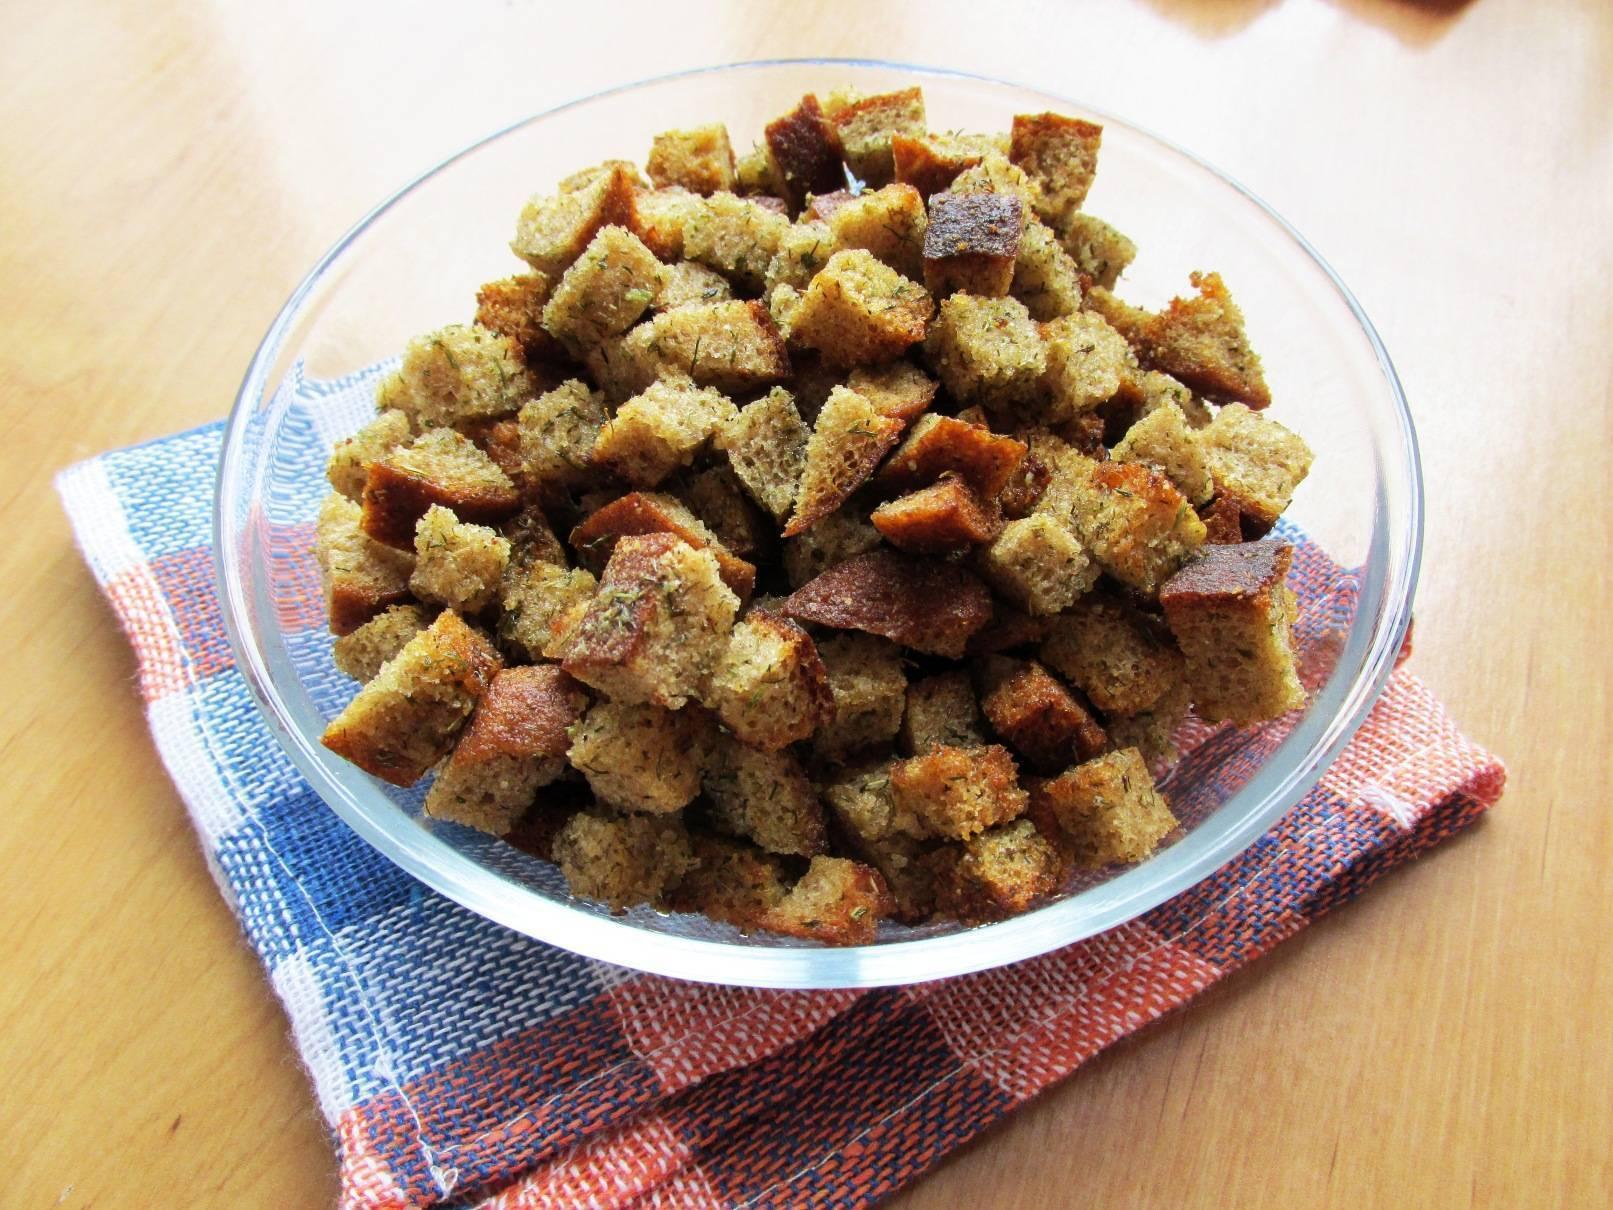 Сухарики из хлеба в духовке с чесноком и специями, 2 самых вкусных рецепта с фото — wowcook.net